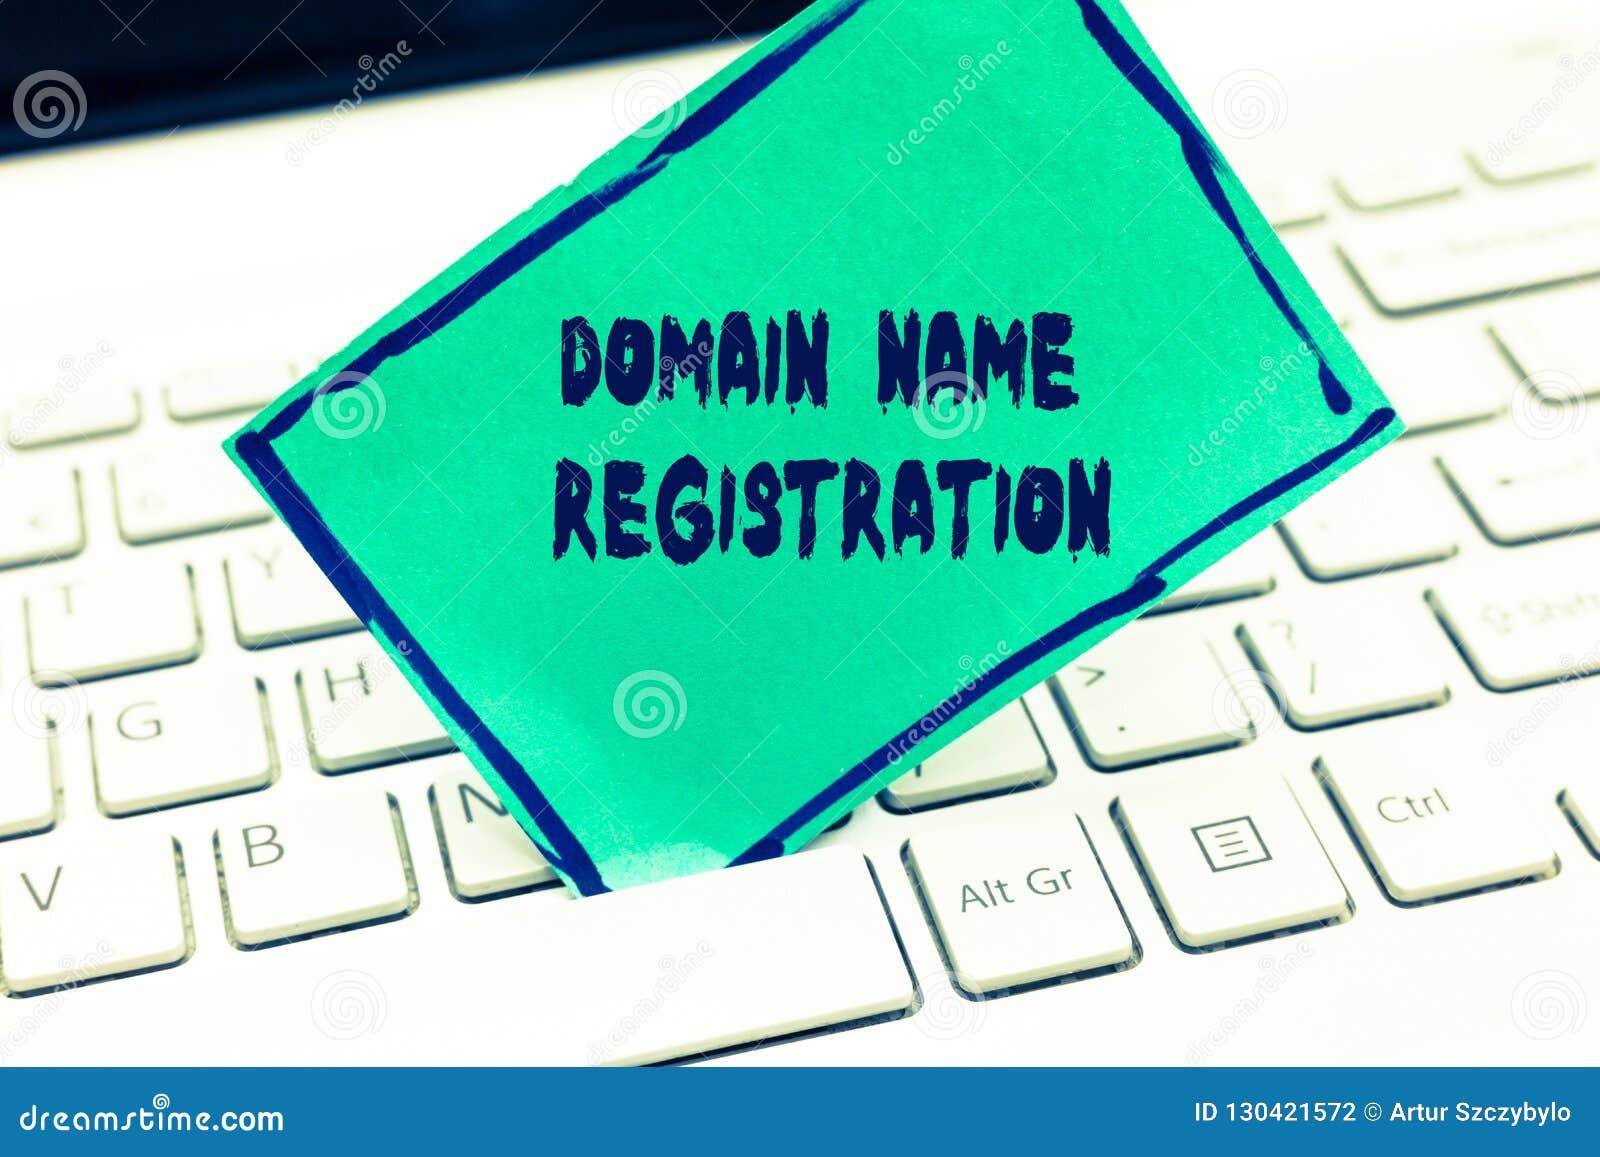 Registro do Domain Name do texto da escrita da palavra O conceito do negócio para o próprio um IP address identifica um Web page